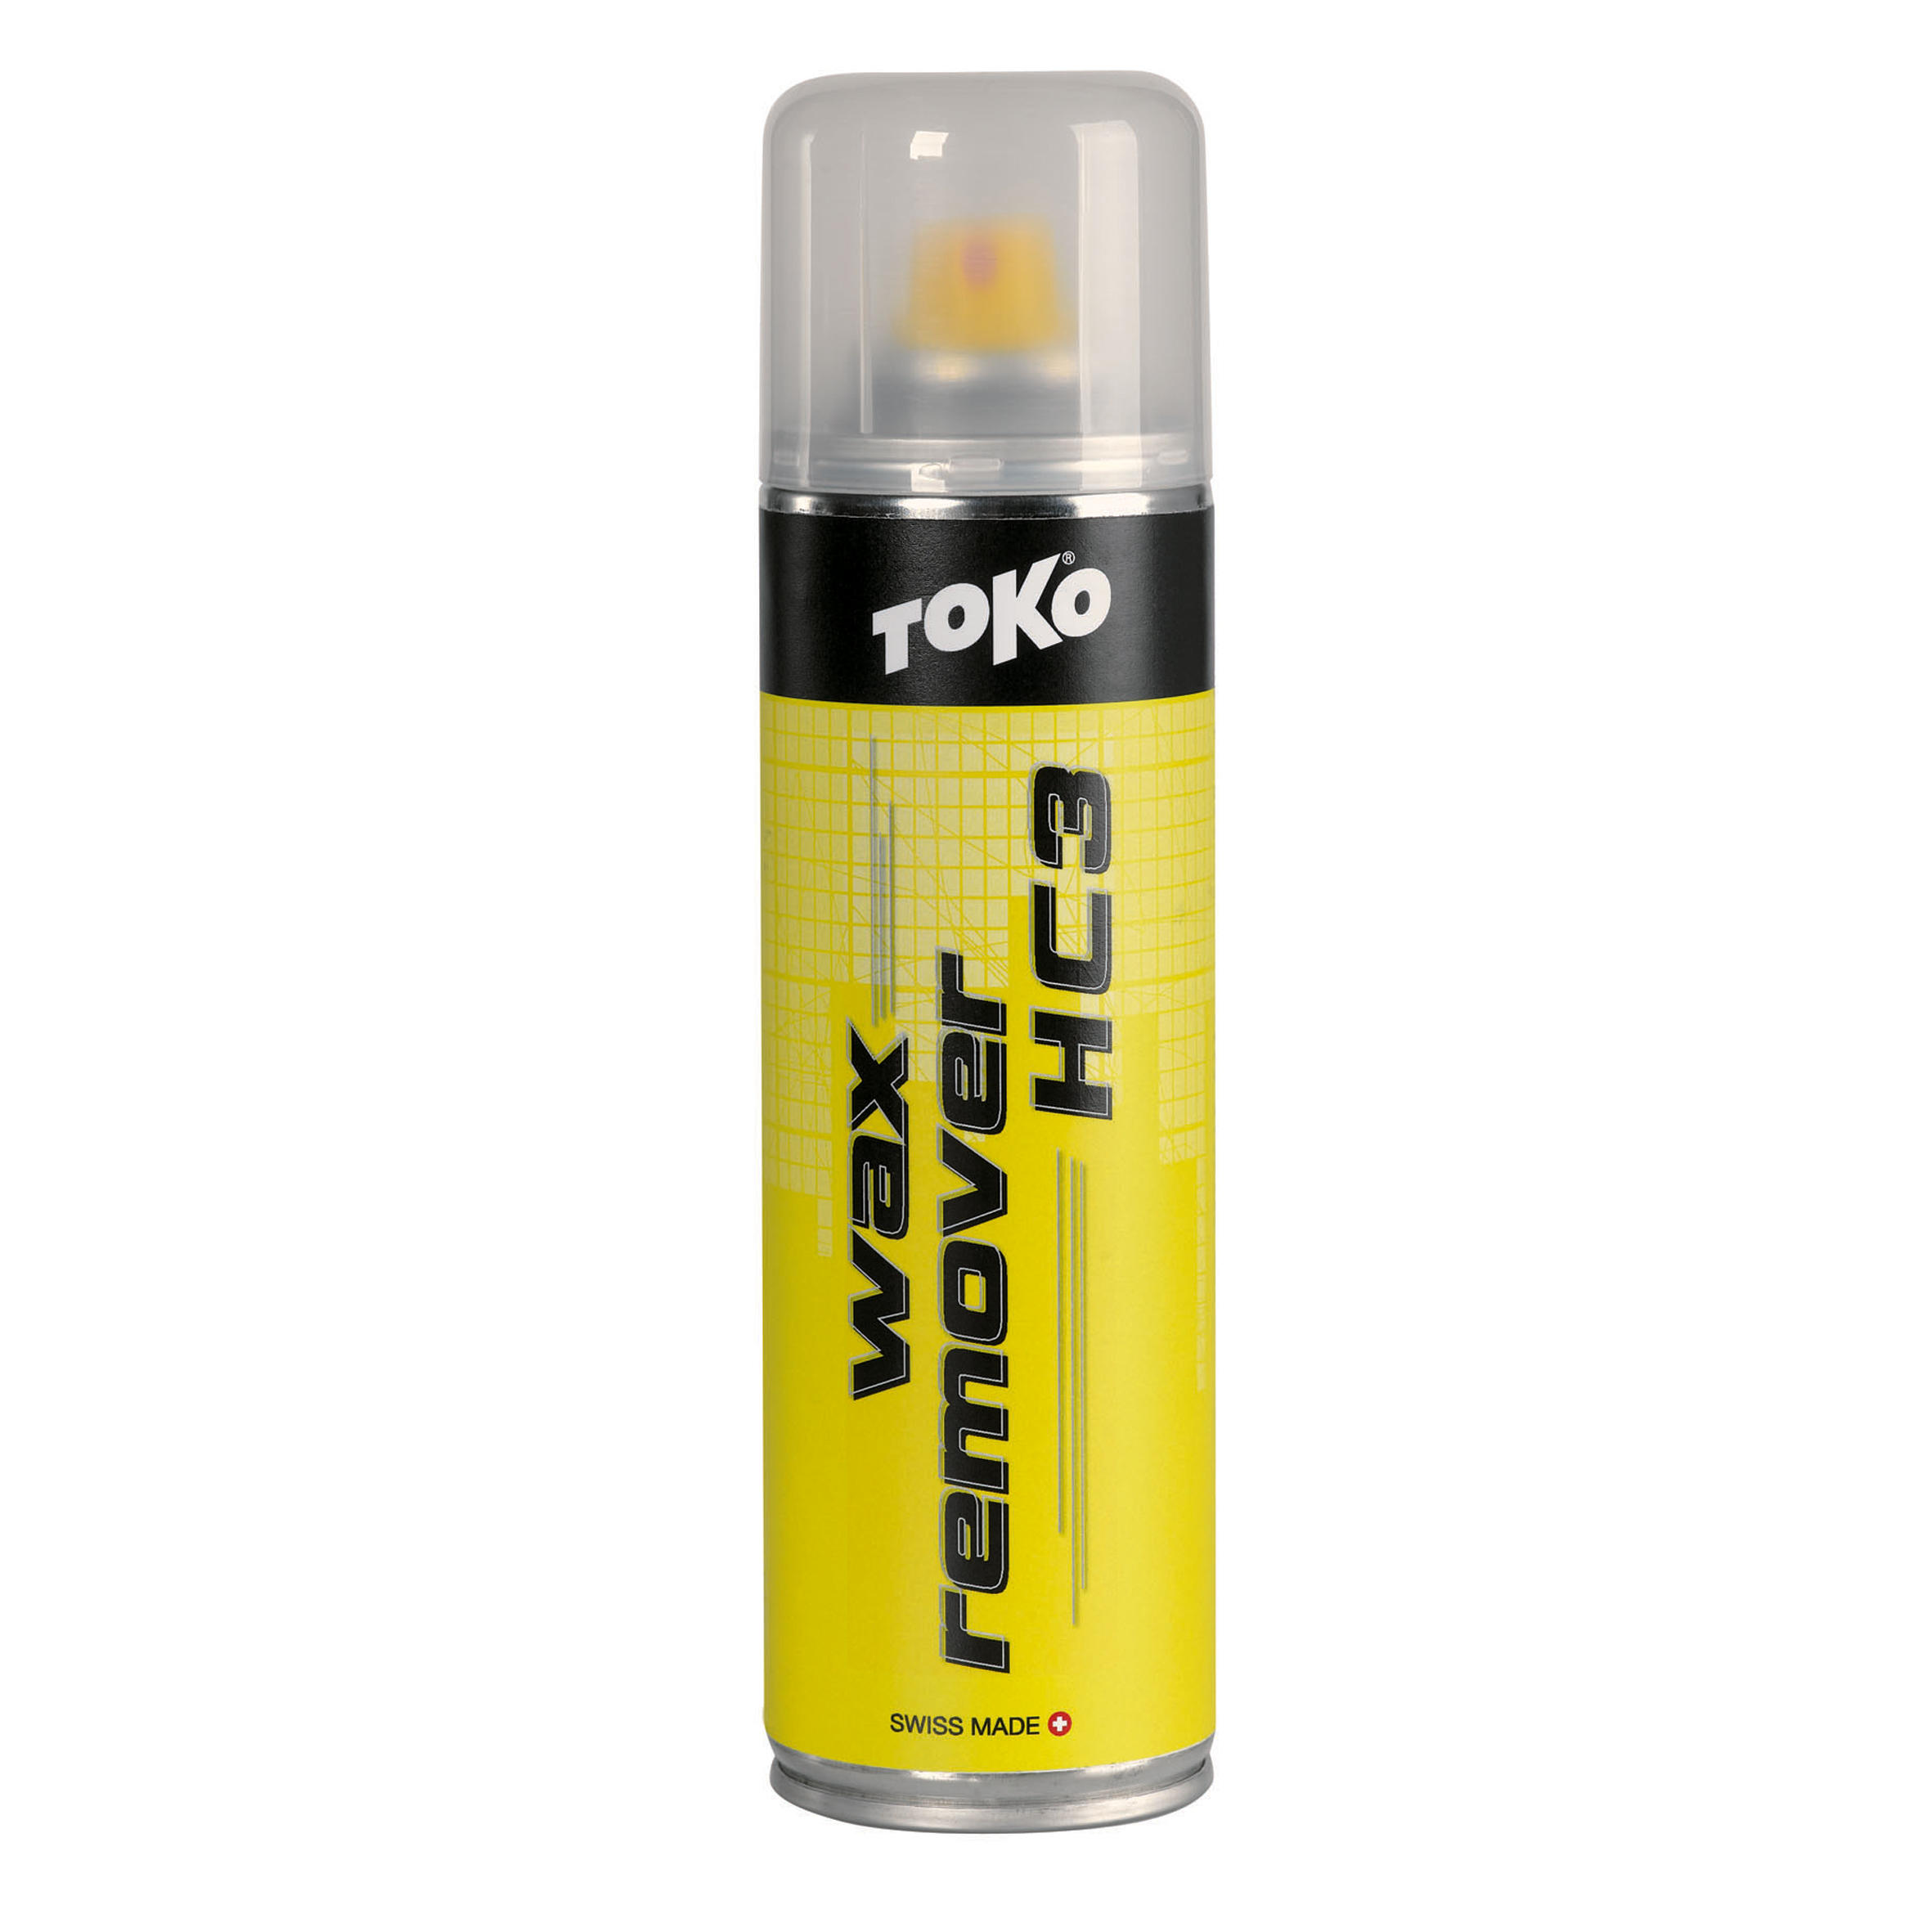 Toko Ontwaxer HC3 250 ml Toko thumbnail